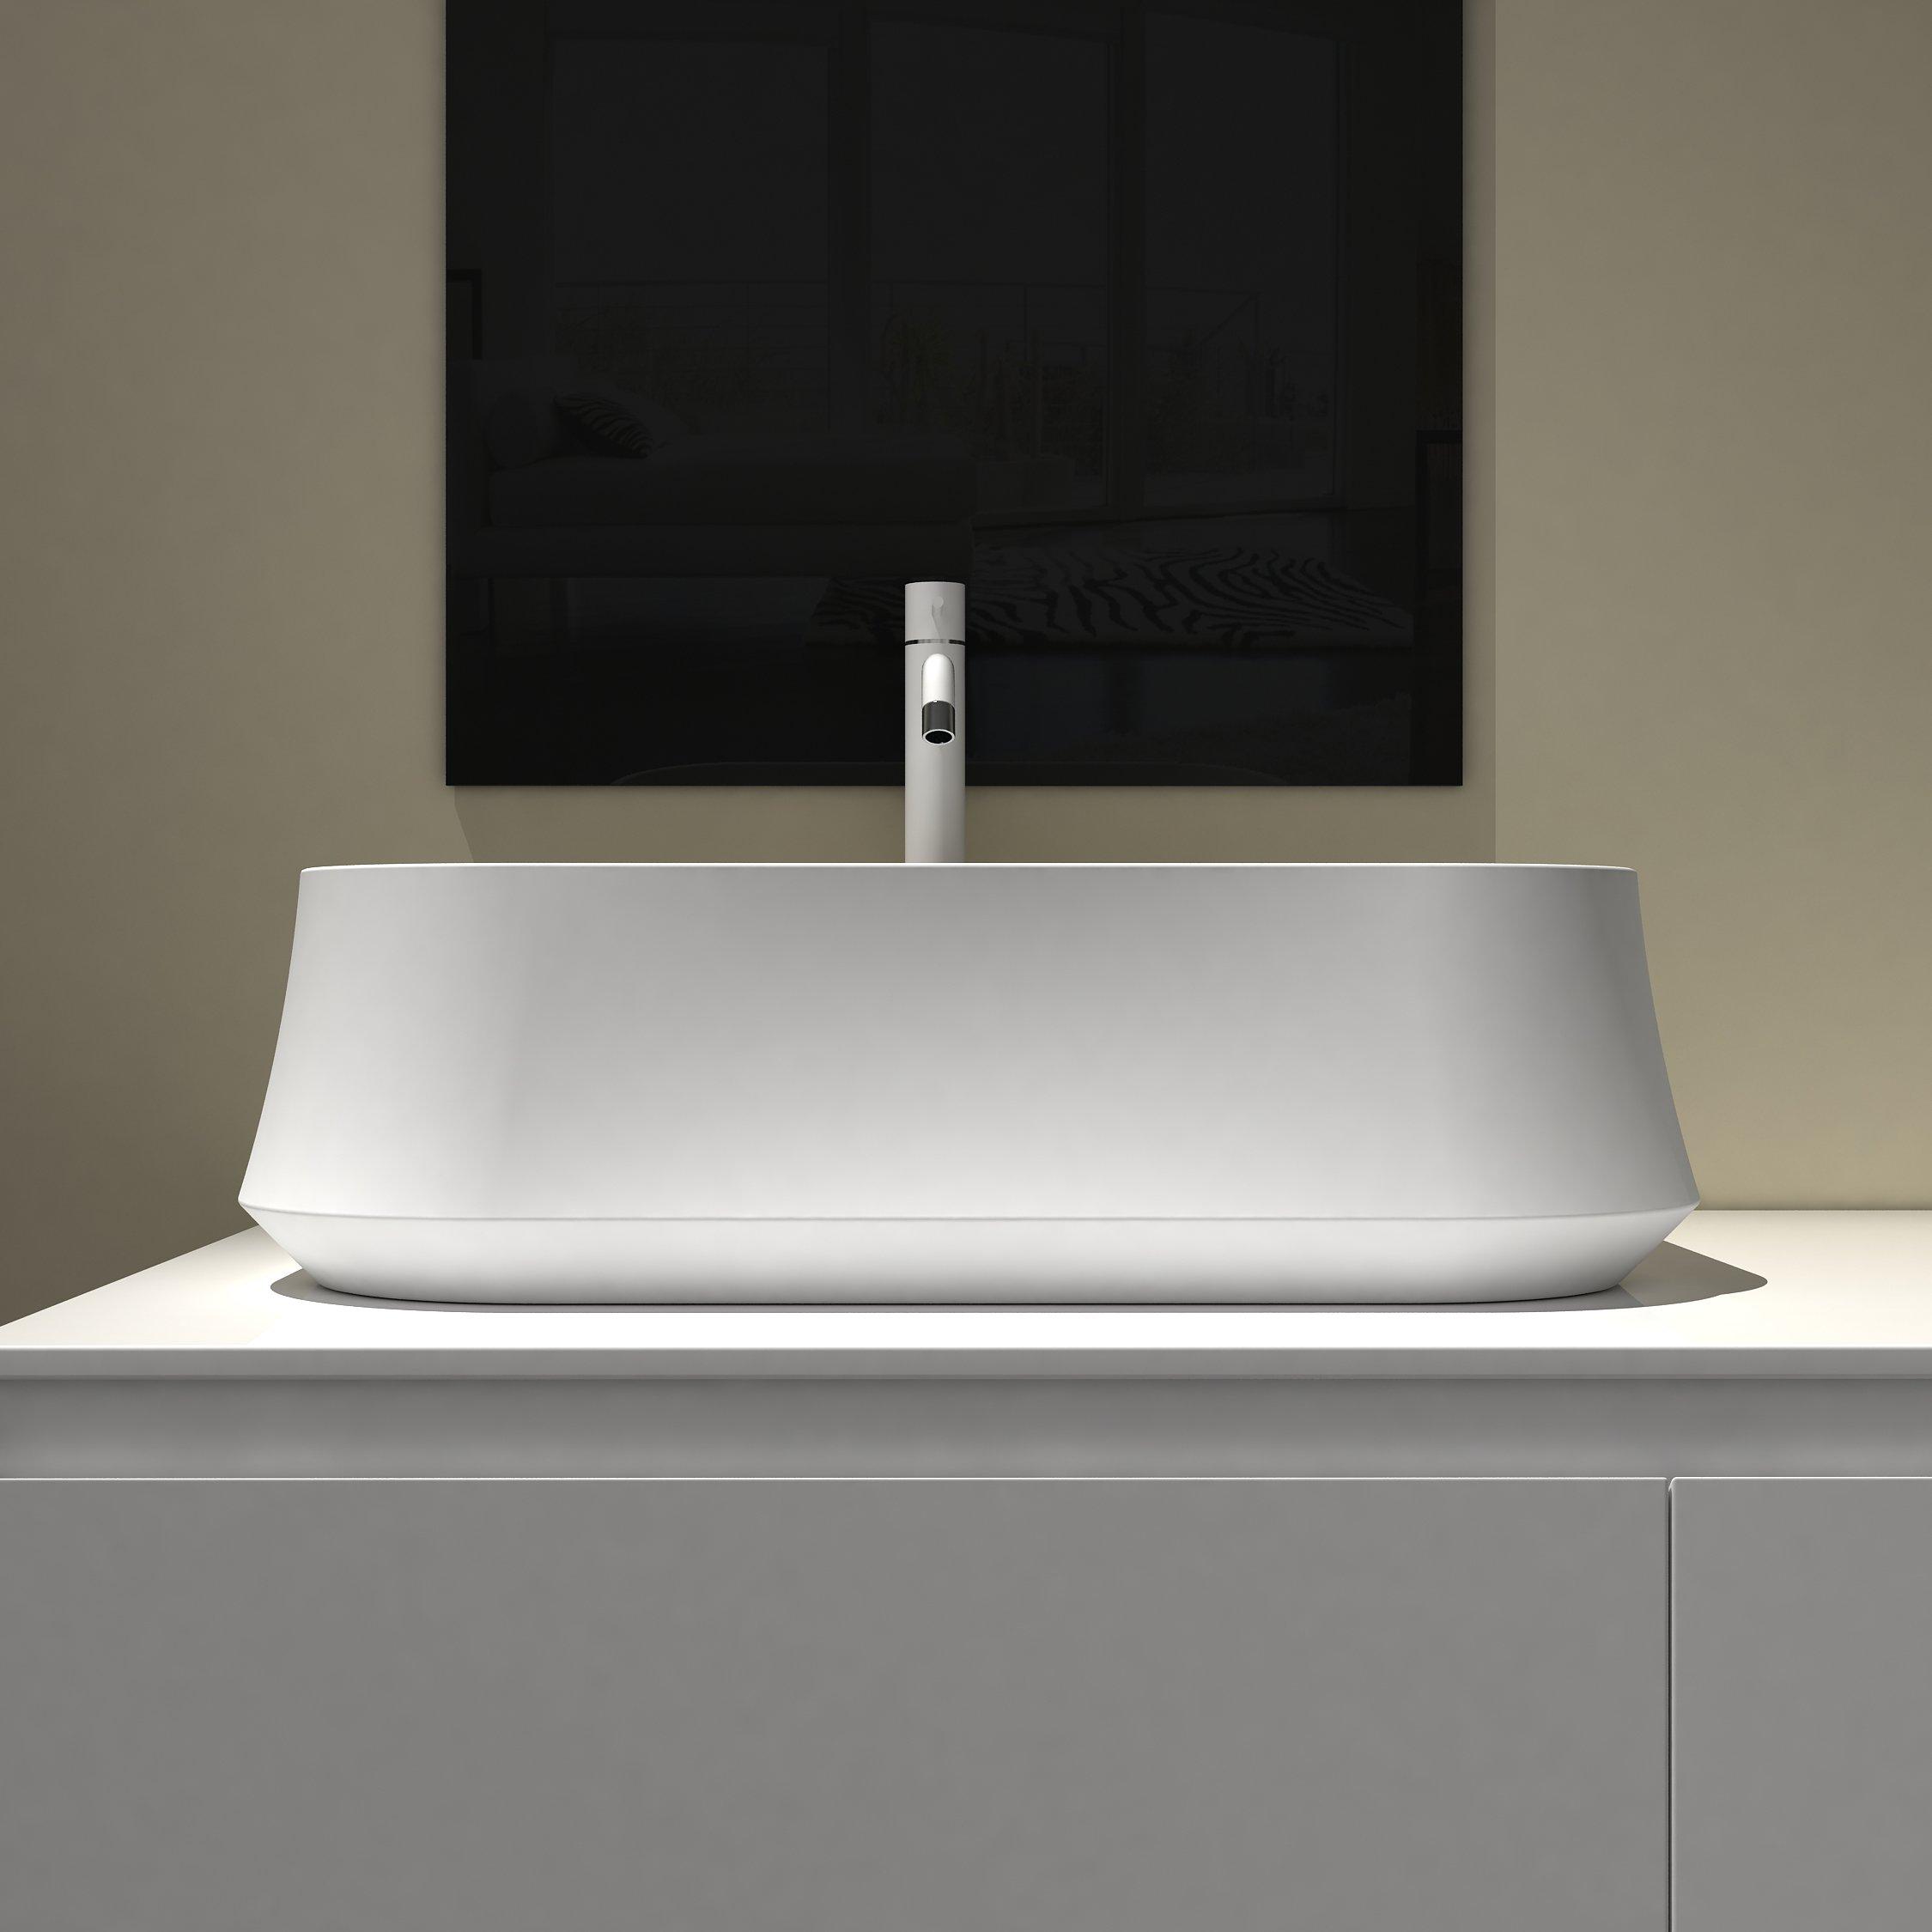 Aufsatzwaschbecken PB2161 aus Mineralguss Solid Stone – 60 x 42 x 16 cm – in Matt oder Hochglanz